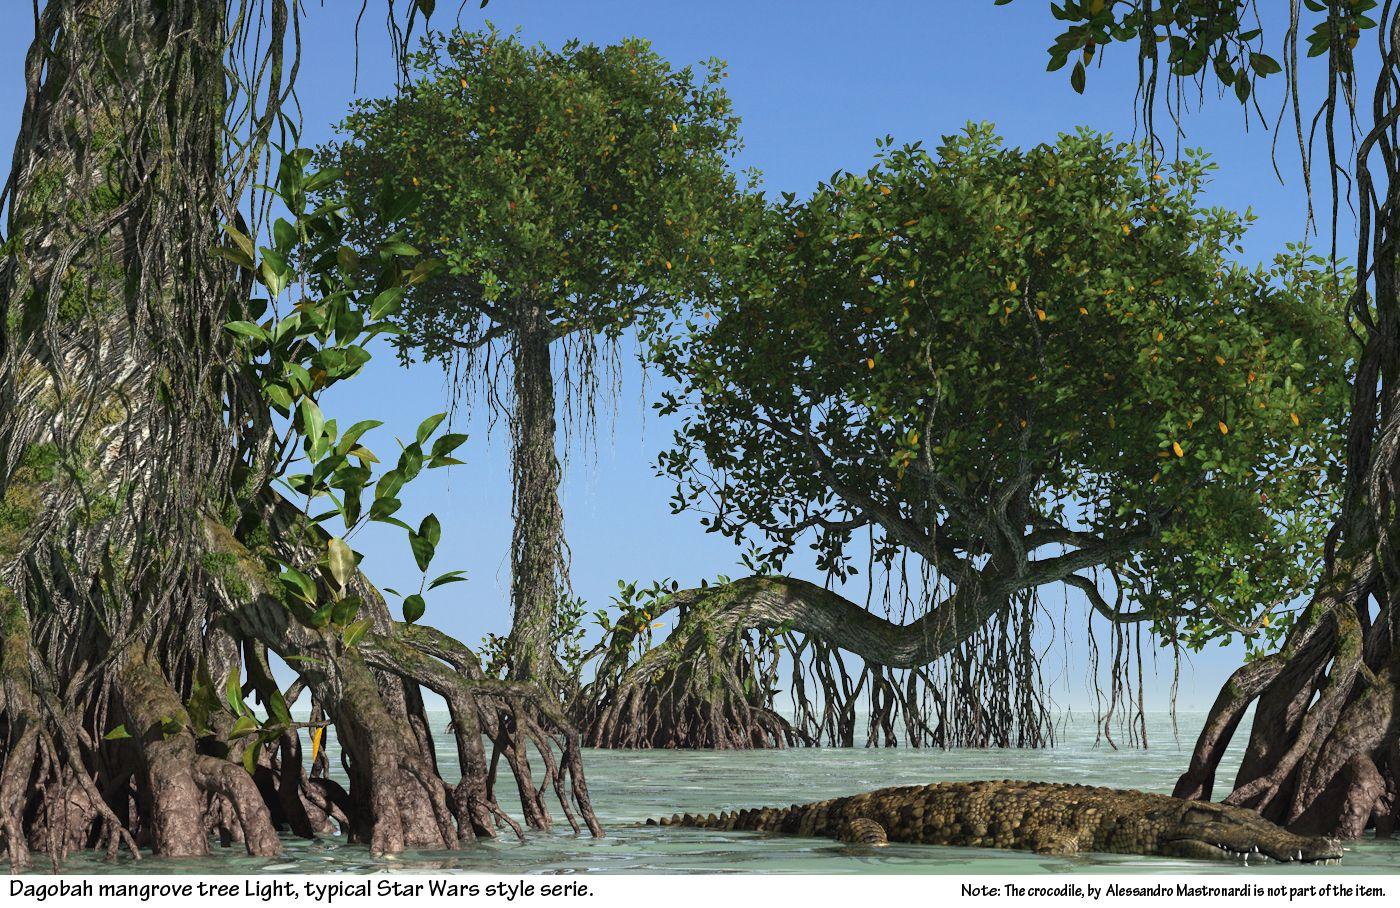 mangrove tree | Mangrove Tree / Dagobah mangrove tree Export ...